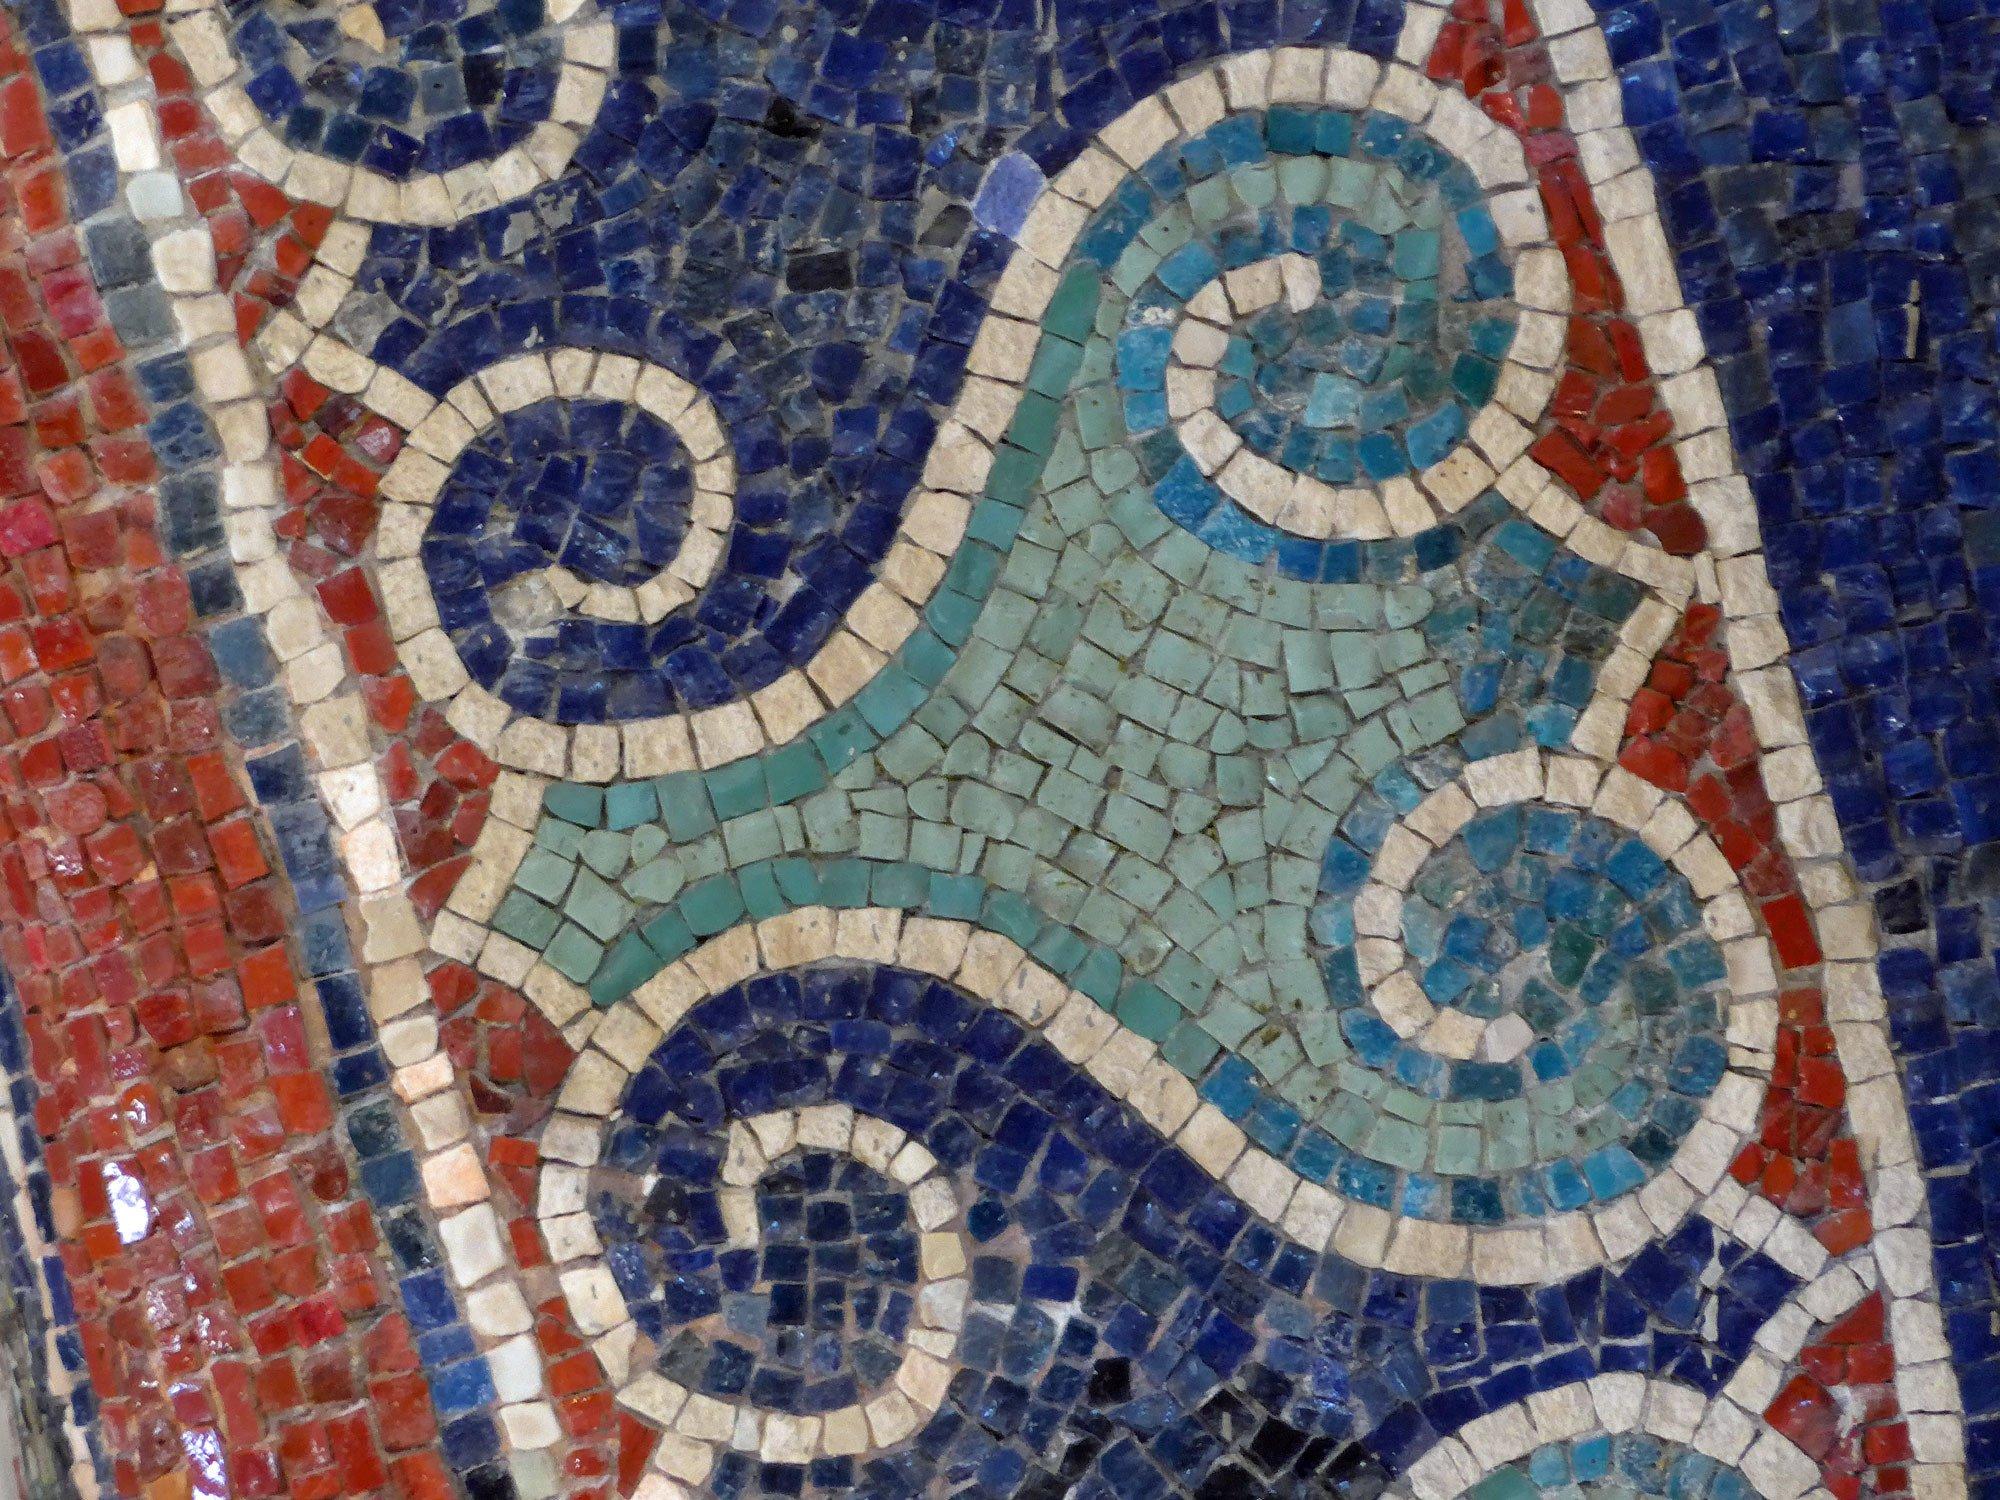 Mosaikfliesen fliesen und platten glossar baunetz wissen - Auf fermacell platten fliesen ...